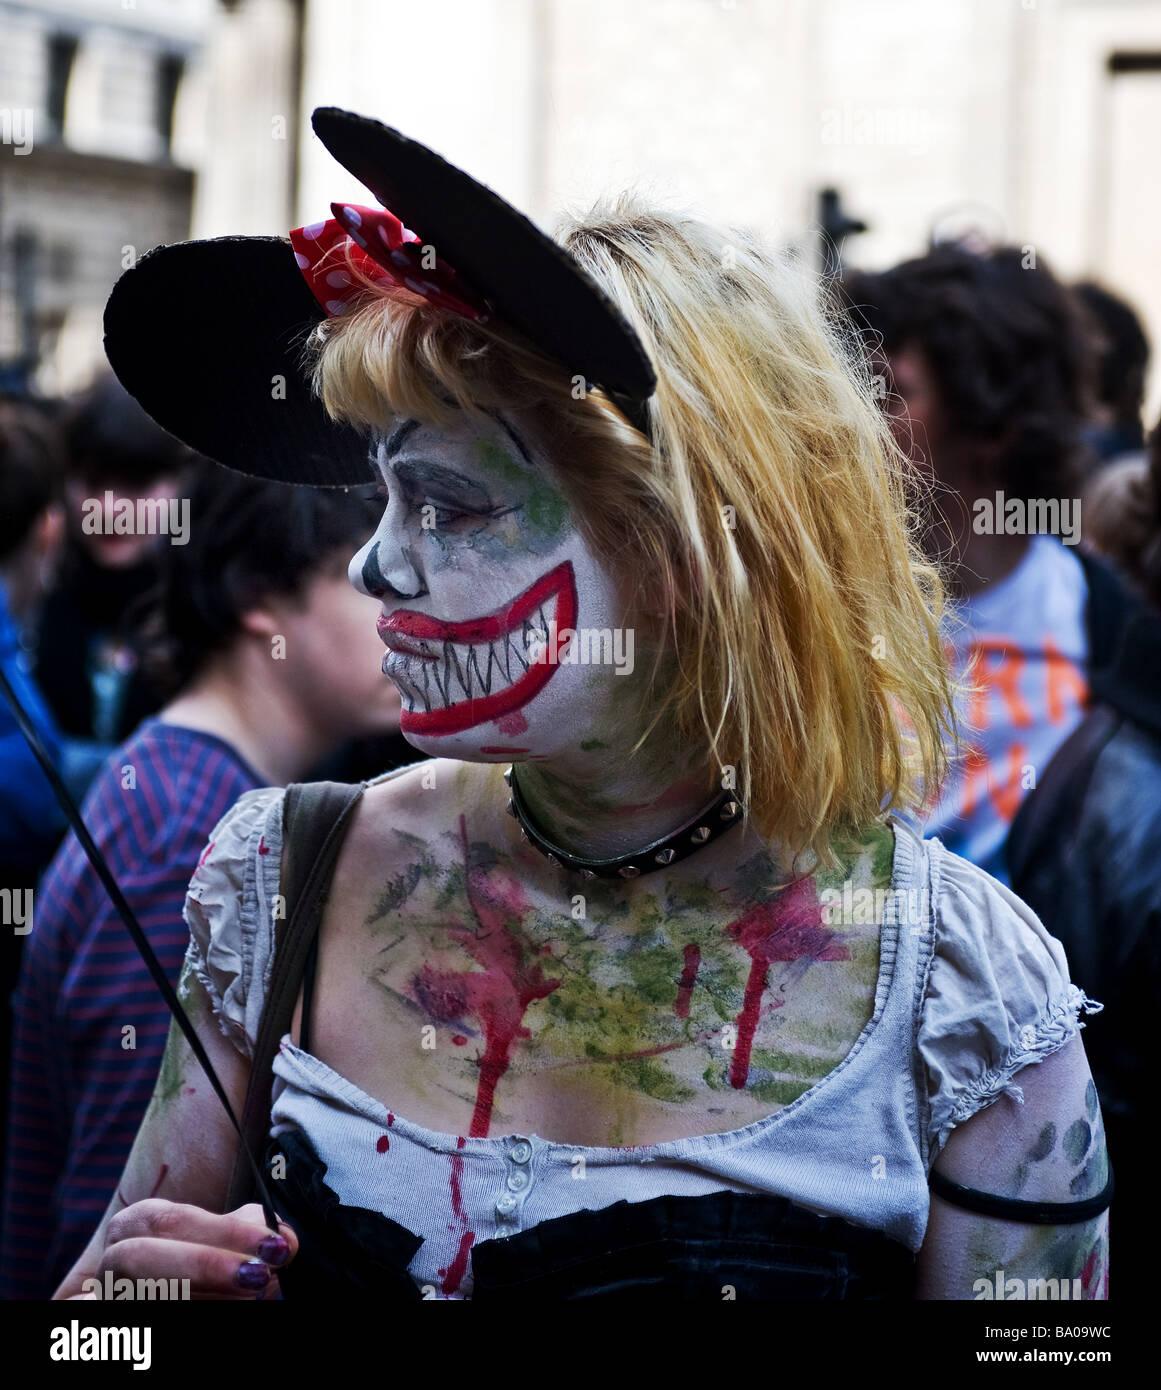 Demonstrant auf der G20-Demonstration in der City of London.  Foto von Gordon Scammell Stockbild